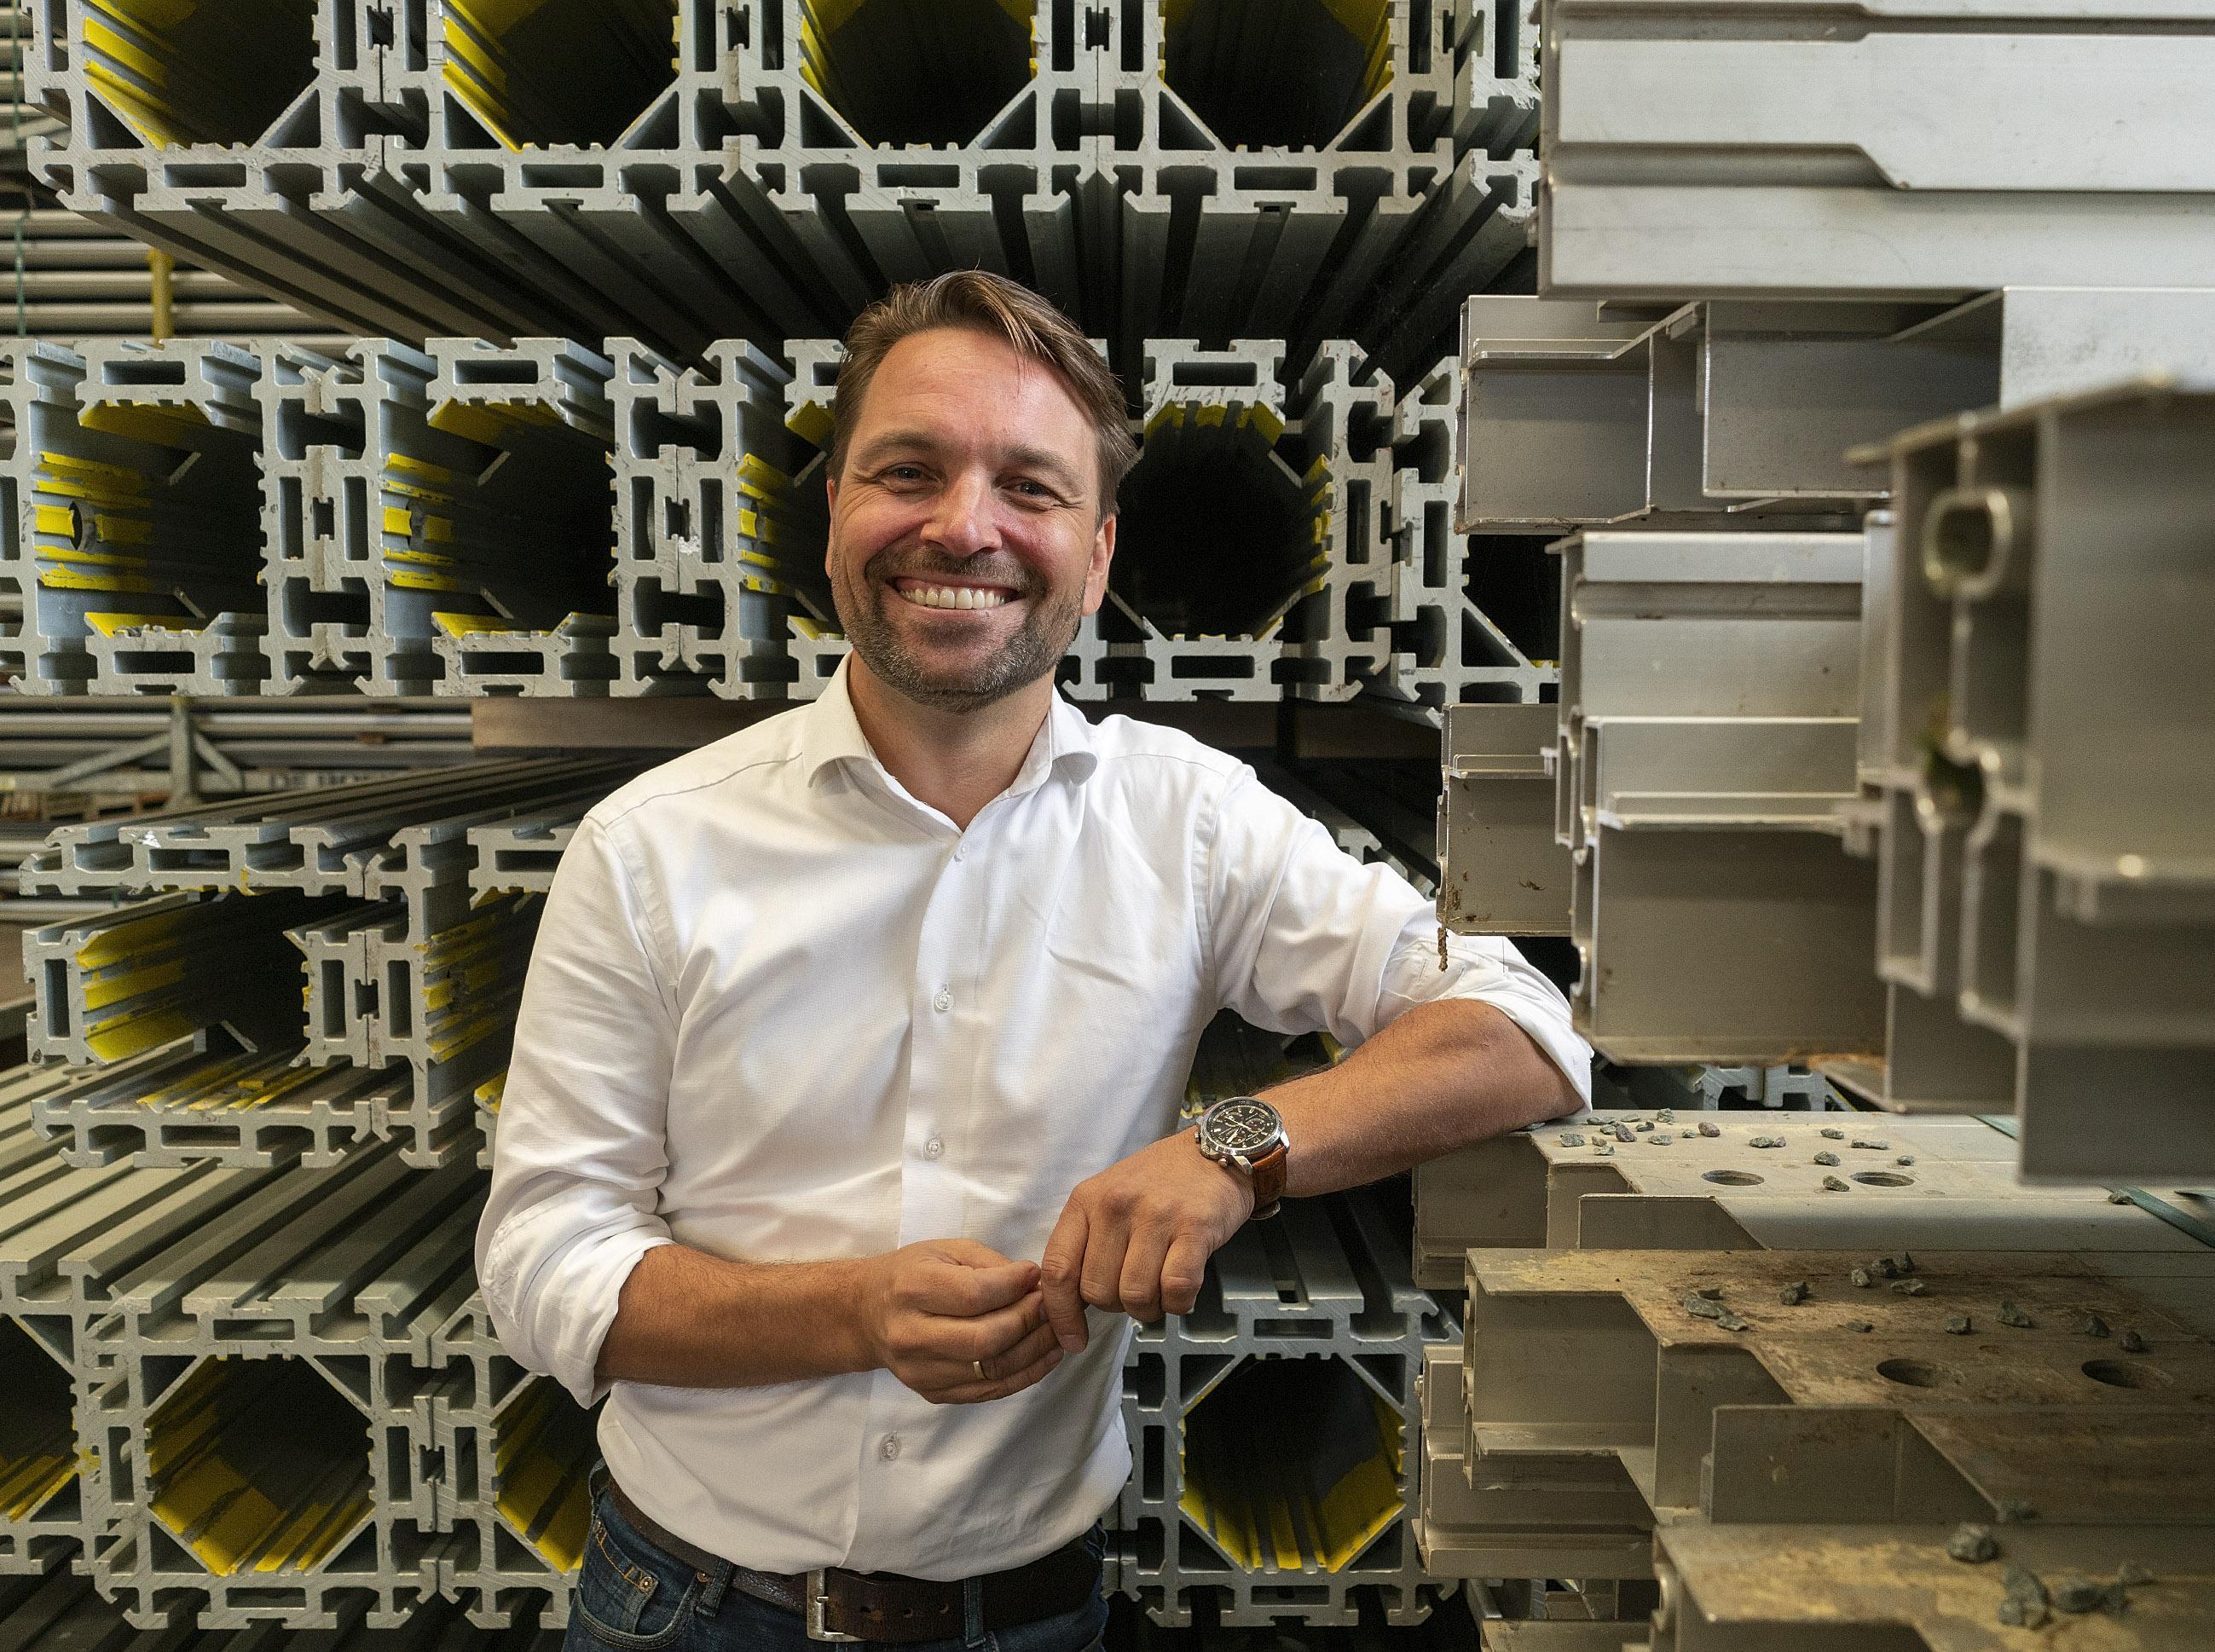 Alkmaars tintje aan eerste centrum voor coronavaccinatie in Europa: bouwer Losberger De Boer hoopt op meer orders